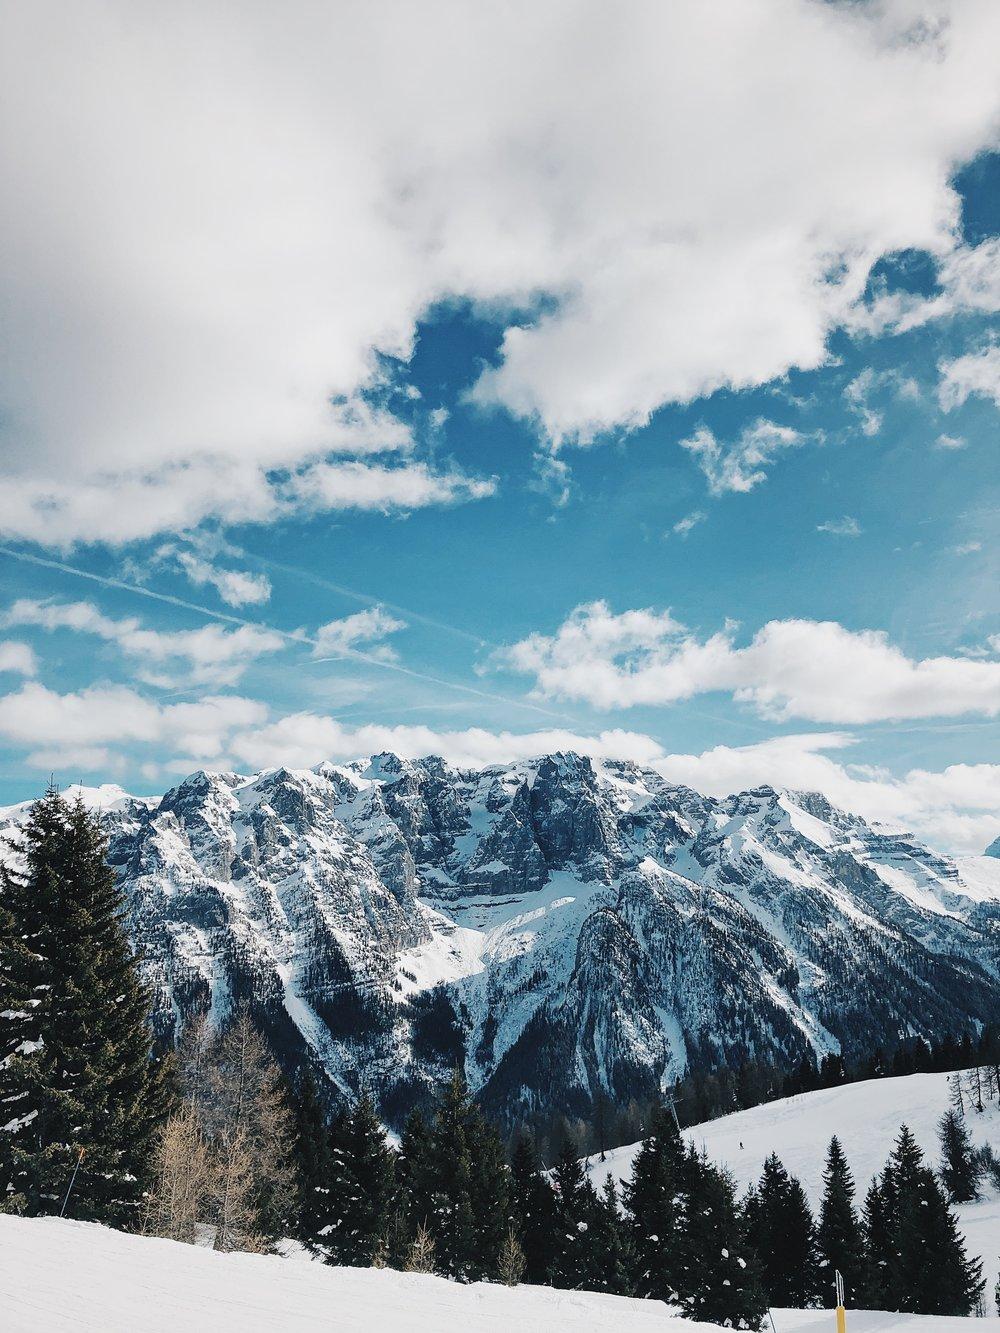 Ostatni pejzaż z słonecznej Italii, po więcej fotek zapraszam na mój Instagram  xGRISZKAx